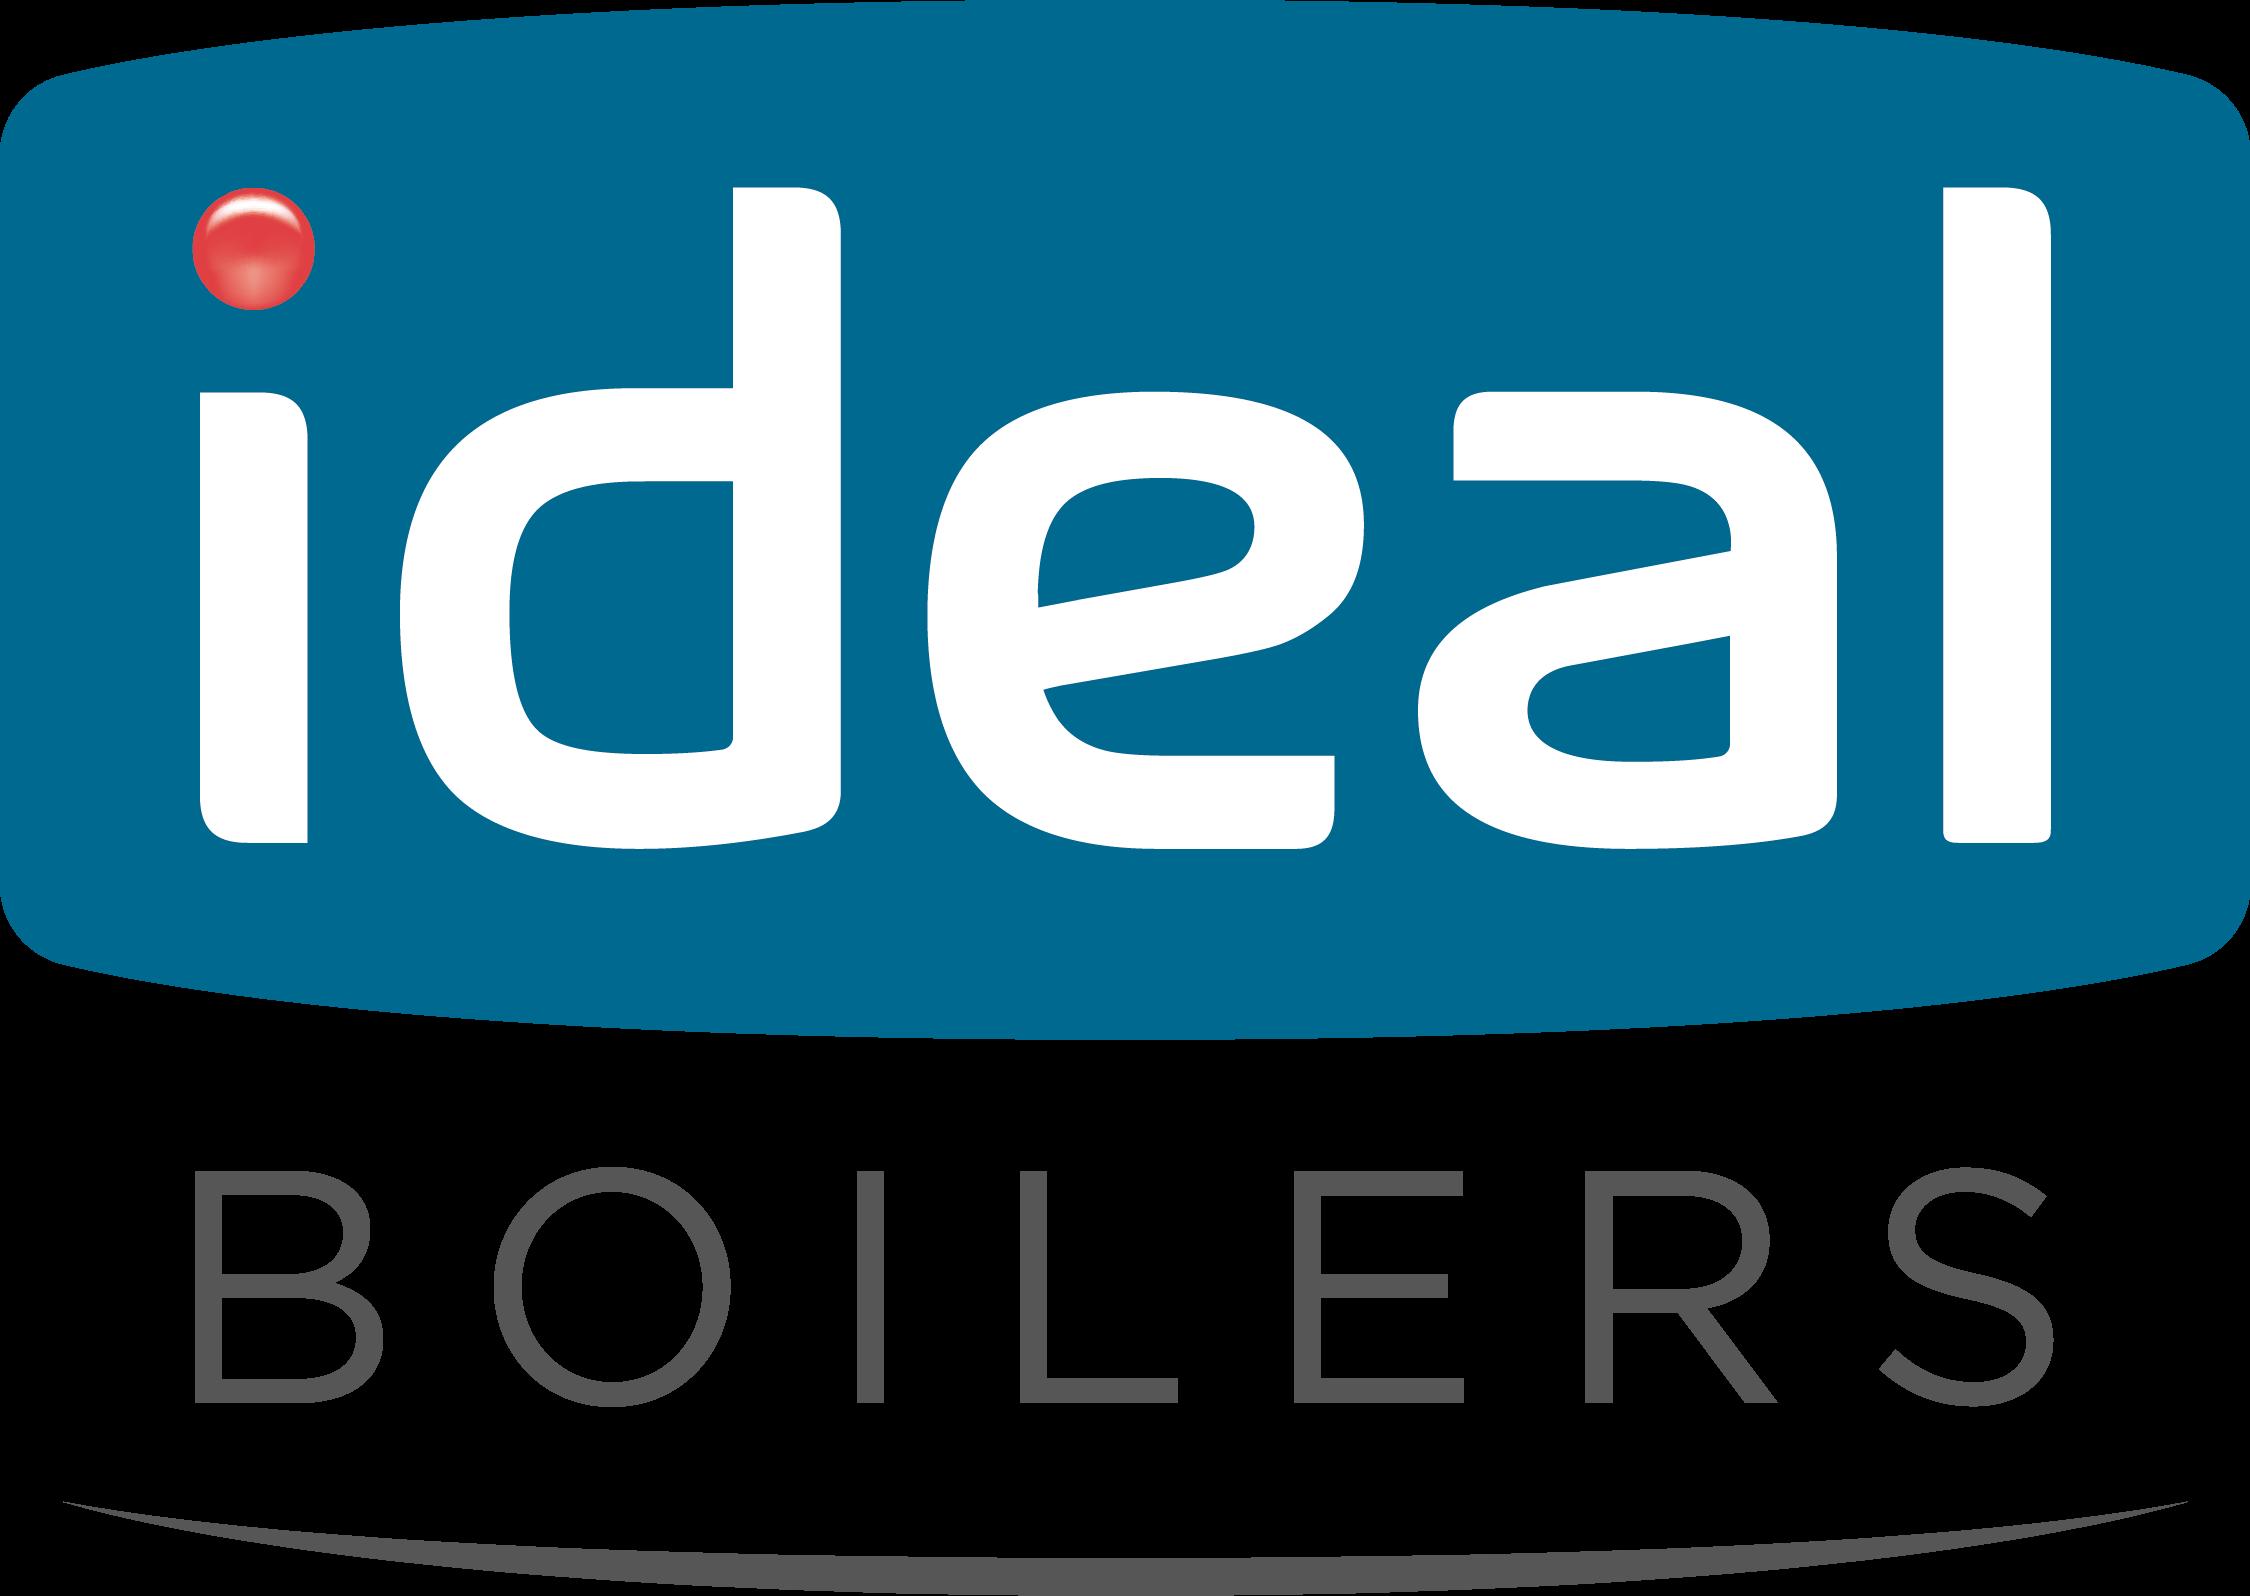 Ideal-boilers-logo-1